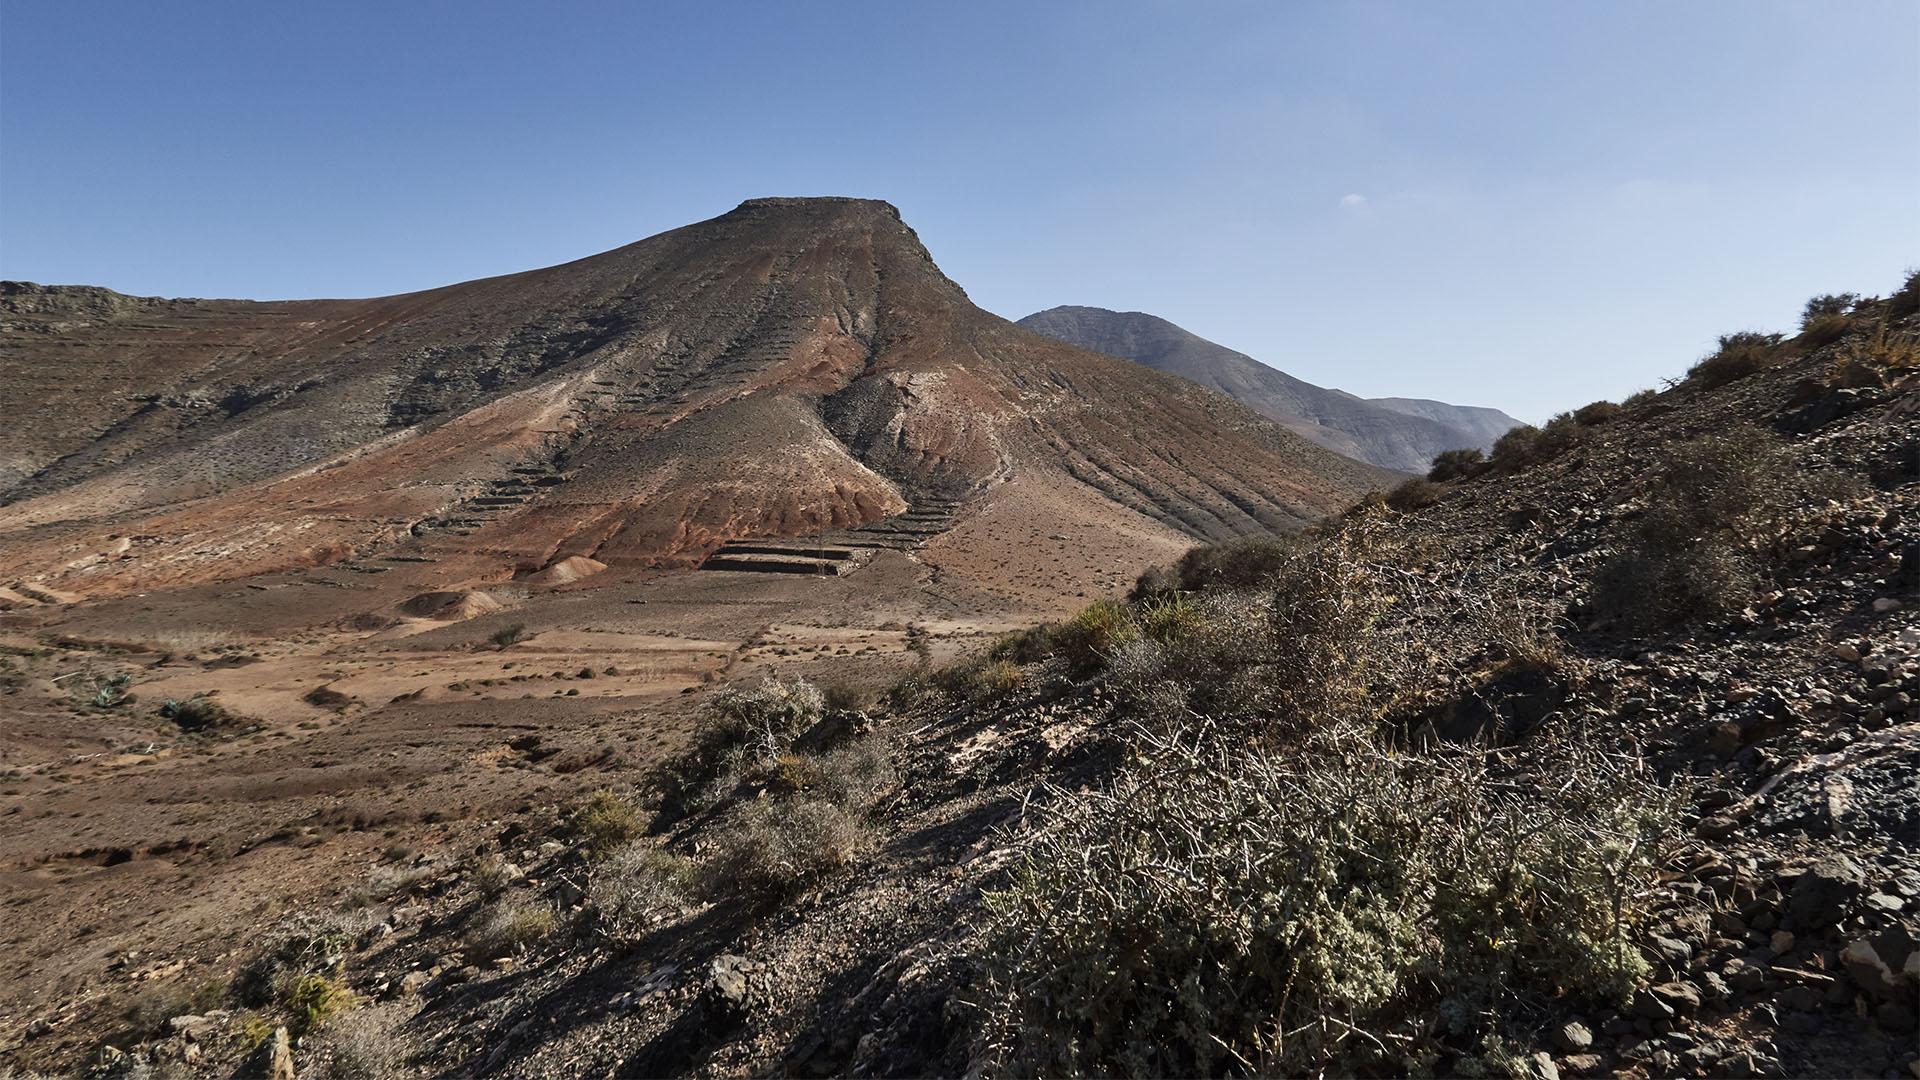 Wanderung zu der Quelle Fuente de Tababaire Fuerteventura.